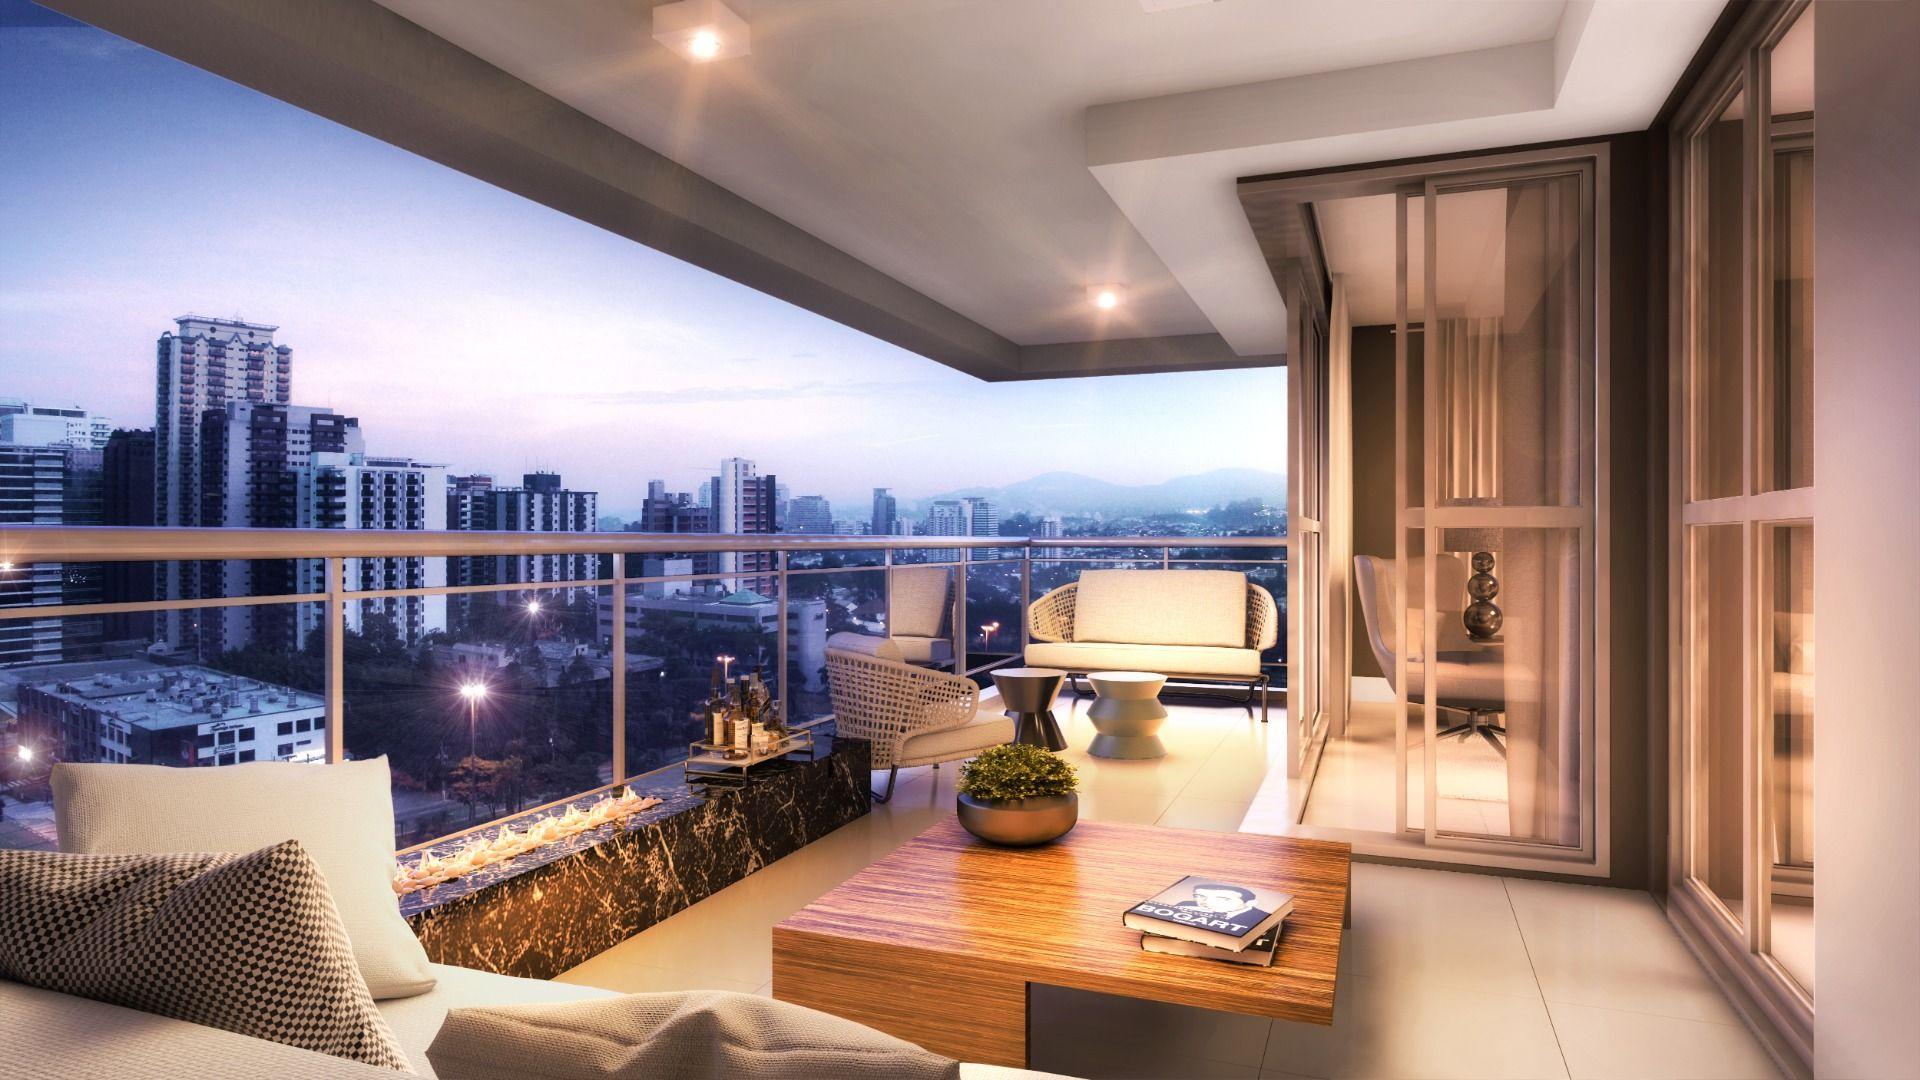 TERRAÇO do apto de 180 m² com acesso direto à cozinha. Conta com espaço para lareira e living com portas de correr em vidro, para maior integração dos espaços.